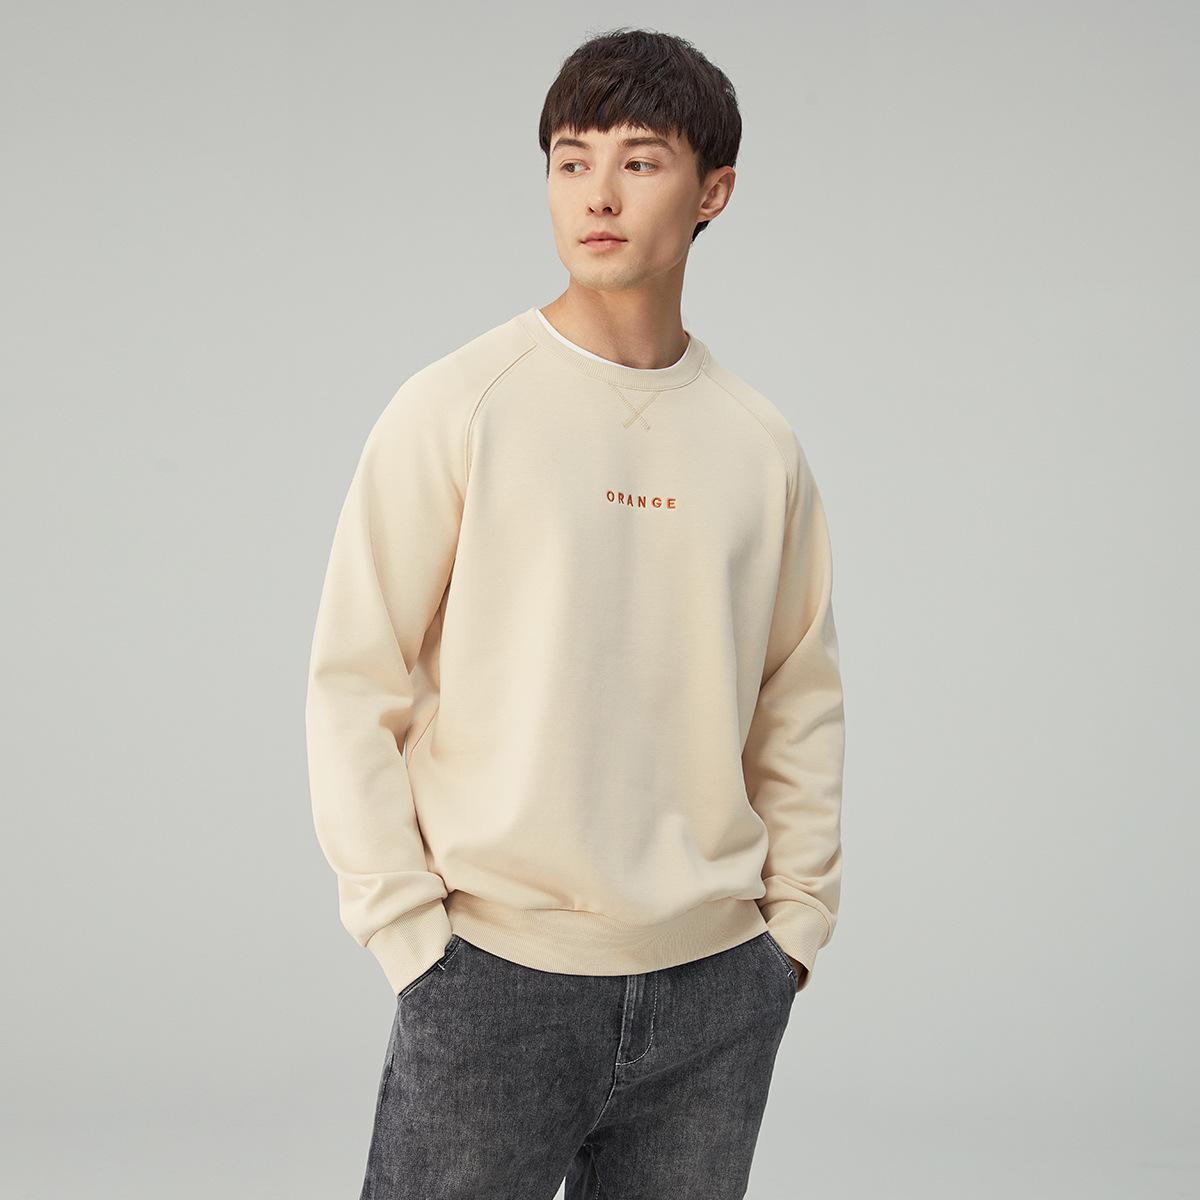 M-MAICCO Sweater (Áo nỉ chui đầu) Mùa xuân 2020 hợp thời trang áo len thêu nam thanh niên lỏng lẻo á